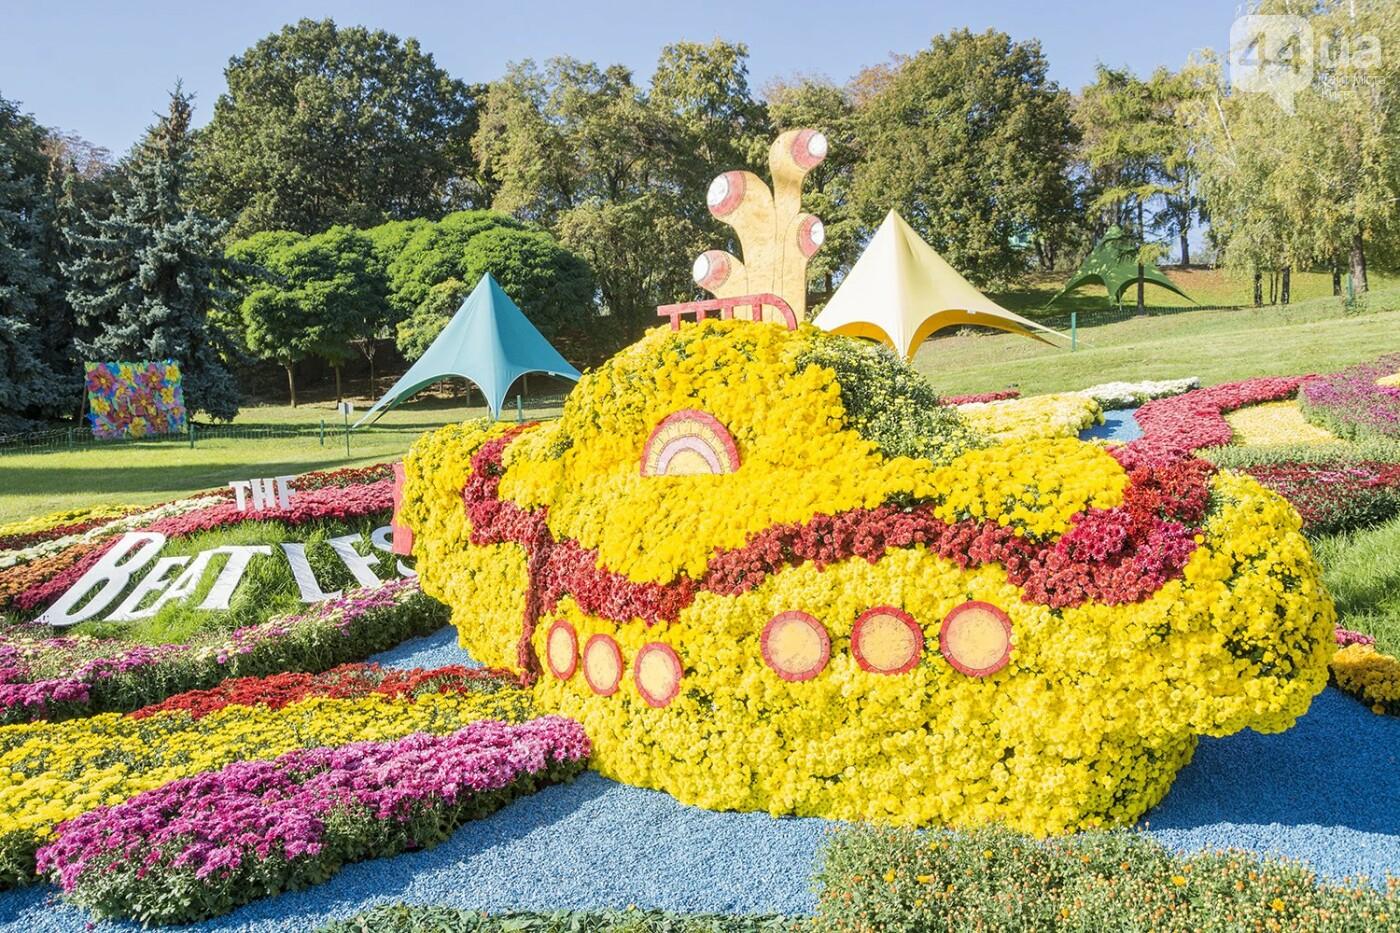 С музыкой и цветами: в Киеве стартовал красочный фестиваль хризантем, - ФОТОРЕПОРТАЖ, фото-8